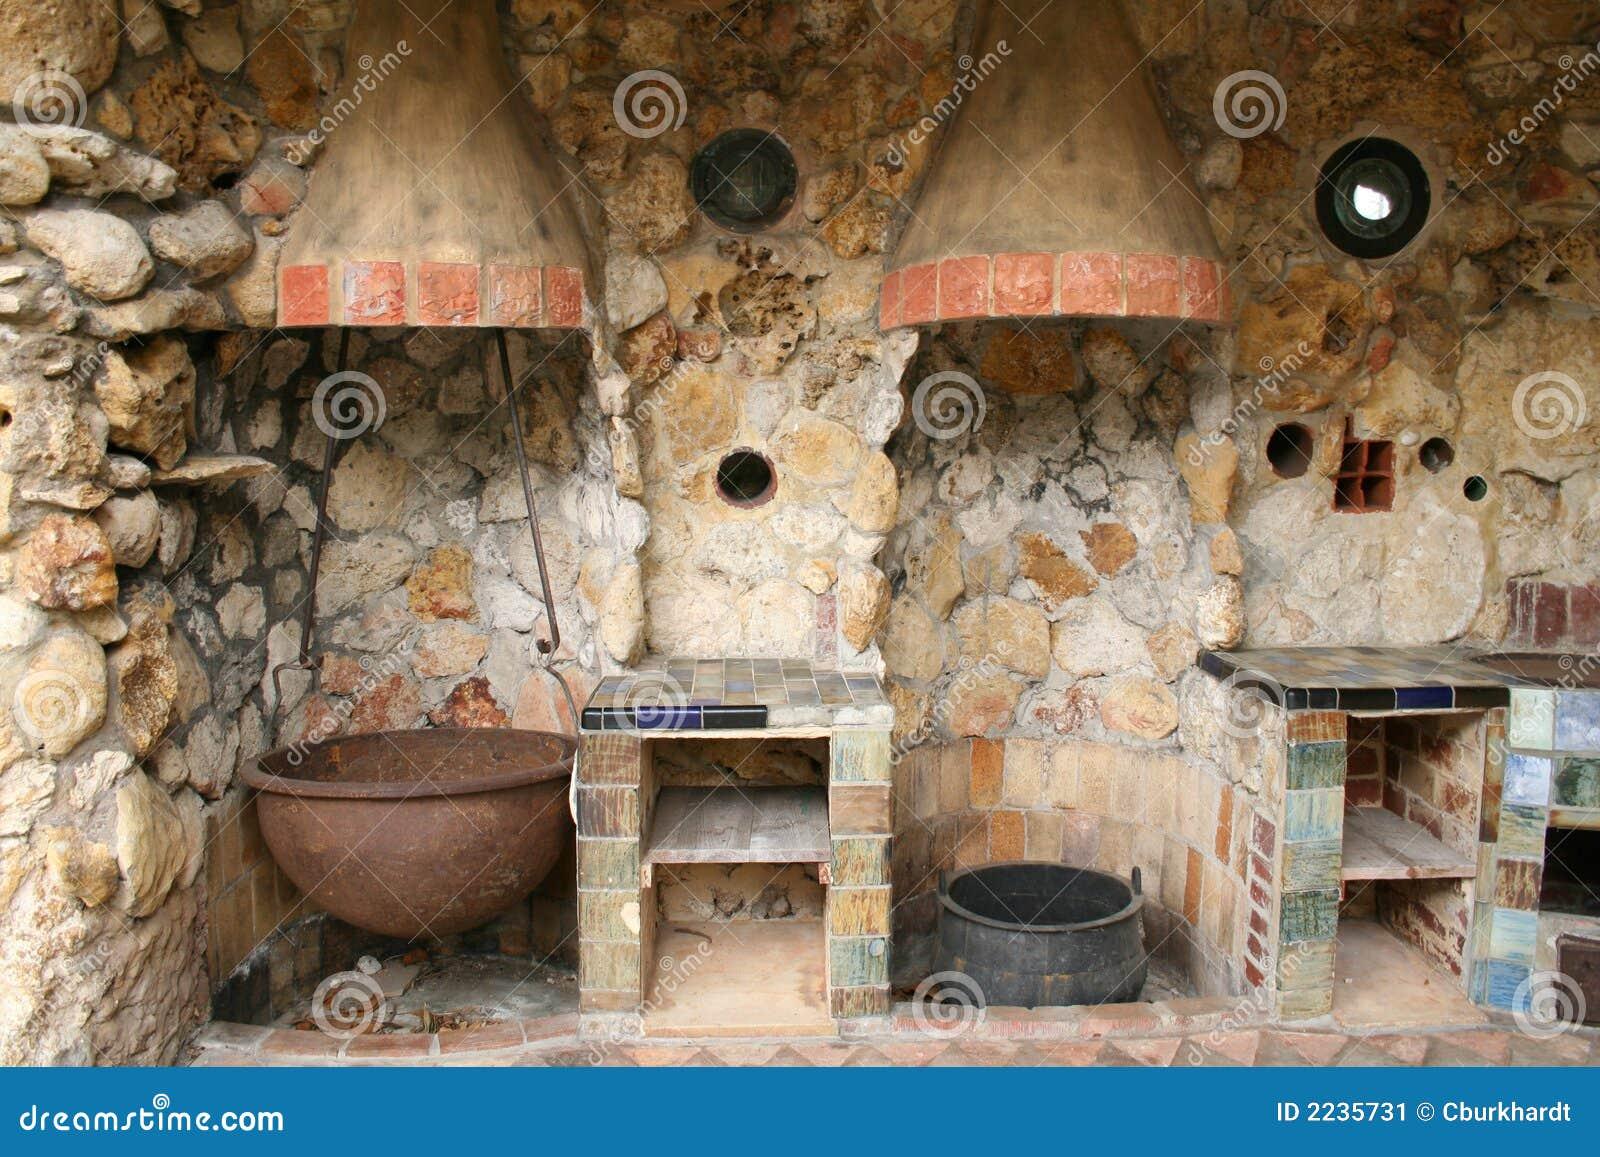 Vecchia cucina esterna rustica immagine stock immagine 2235731 - Cucina rustica in pietra ...